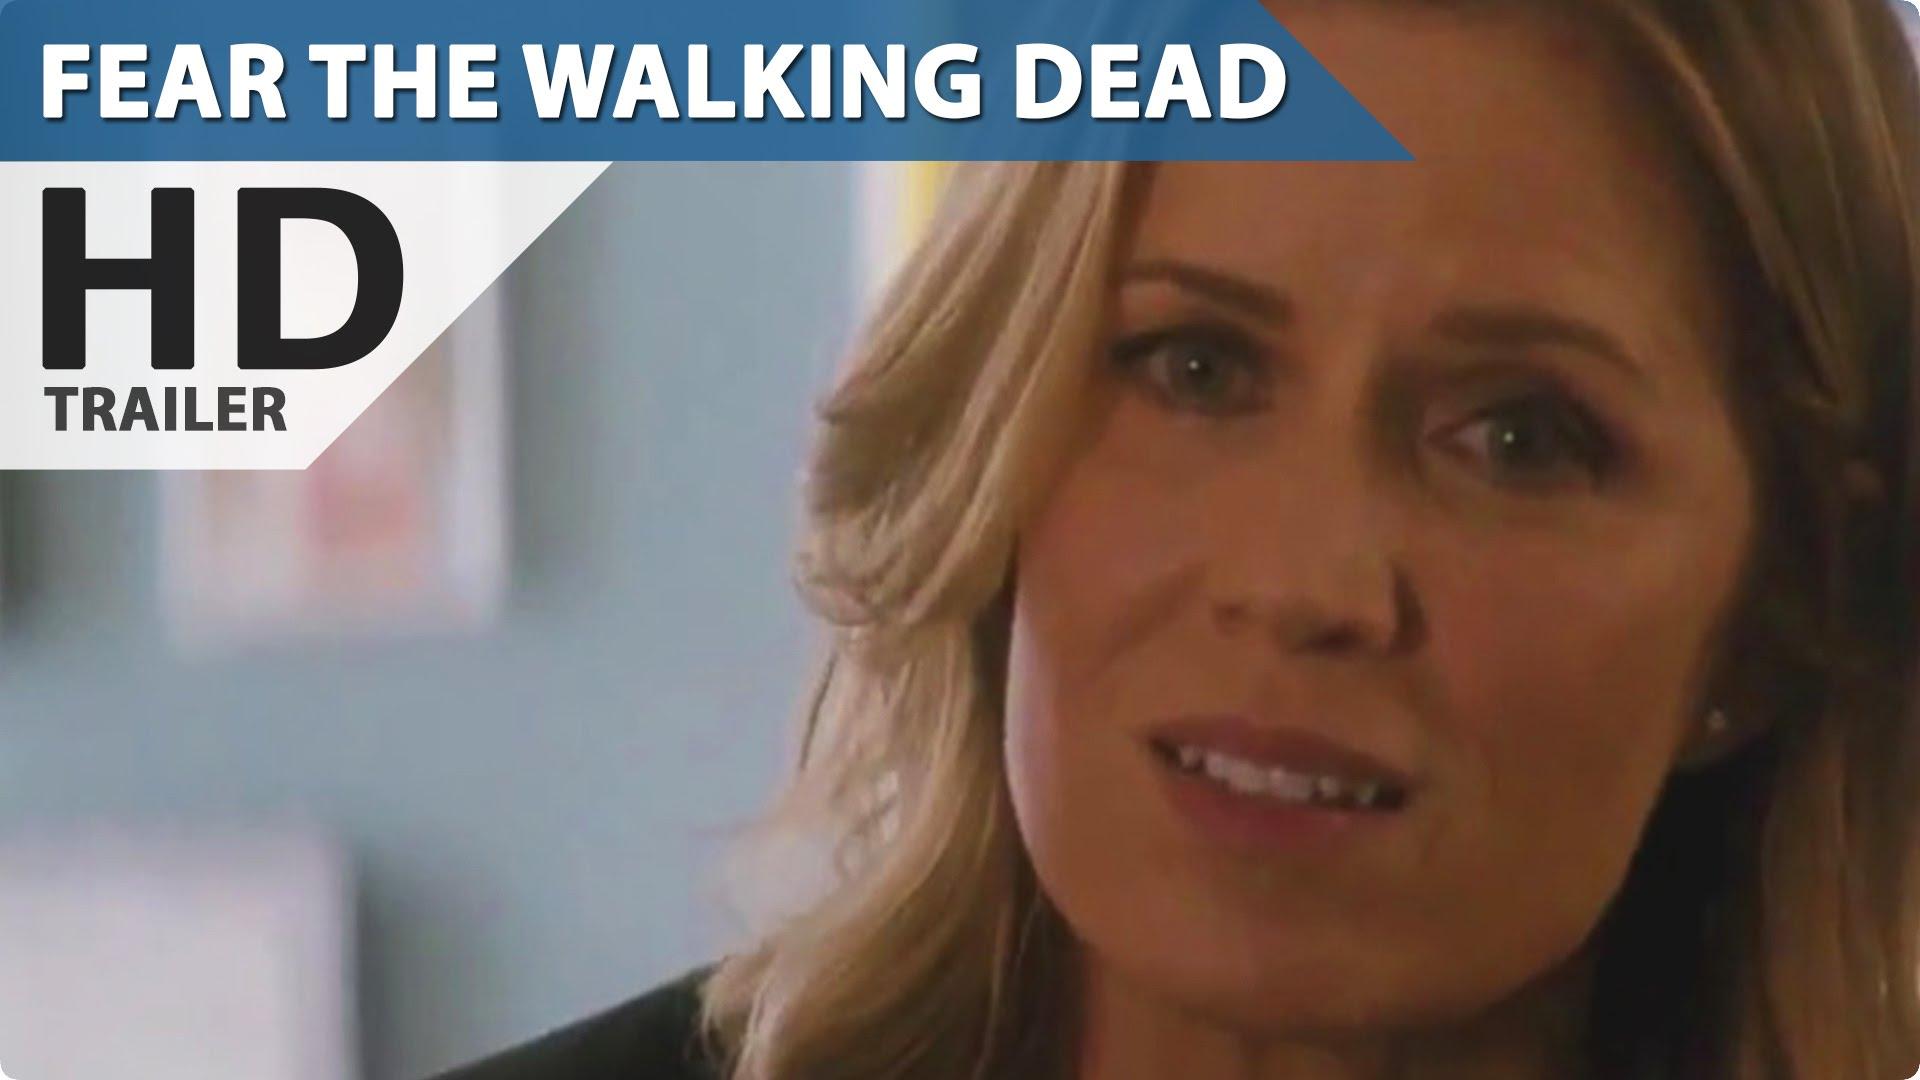 VIDEO: NAJBOLJA PREMIJERA U POVIJESTI 'Fear of the Walking Dead' pratilo čak 10.1 milijuna gledatelja